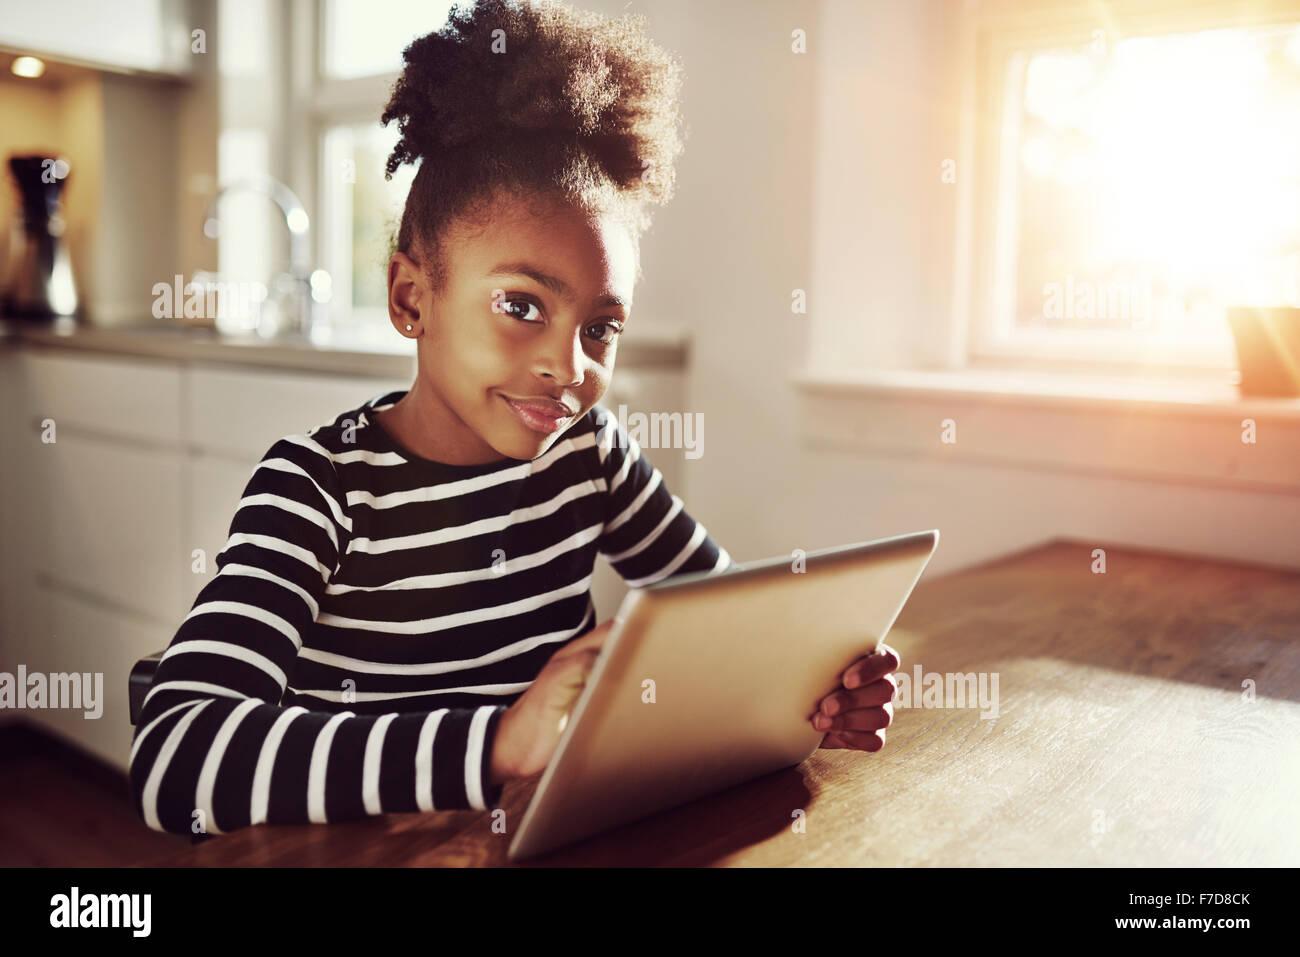 Pensativo joven negro chica sentada mirando la cámara con una expresión pensativa como ella navega por Imagen De Stock